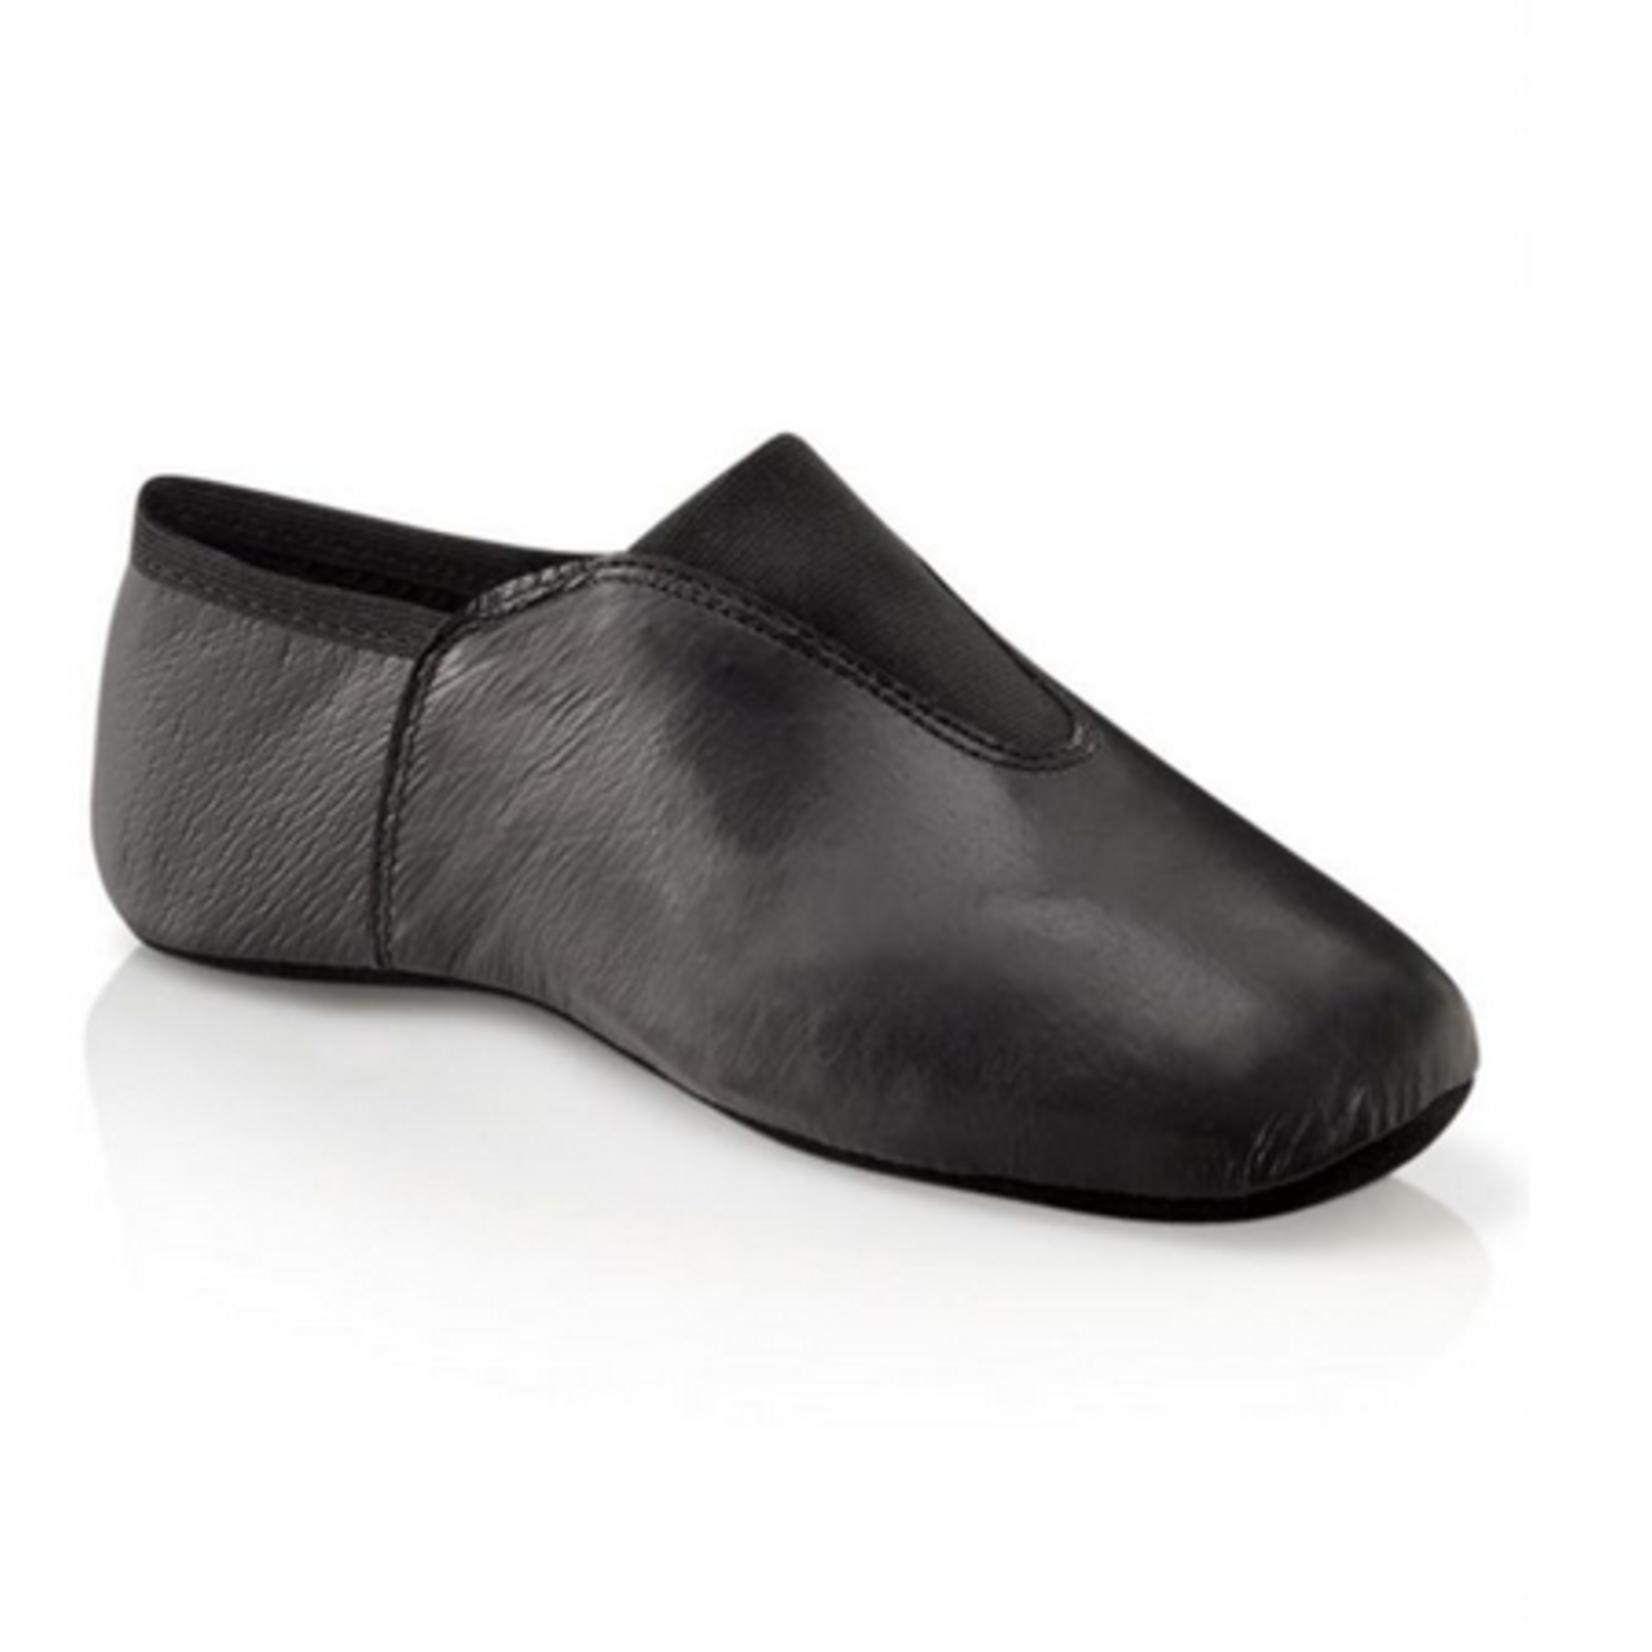 Capezio Capezio EM1/C Gymnastics Shoe